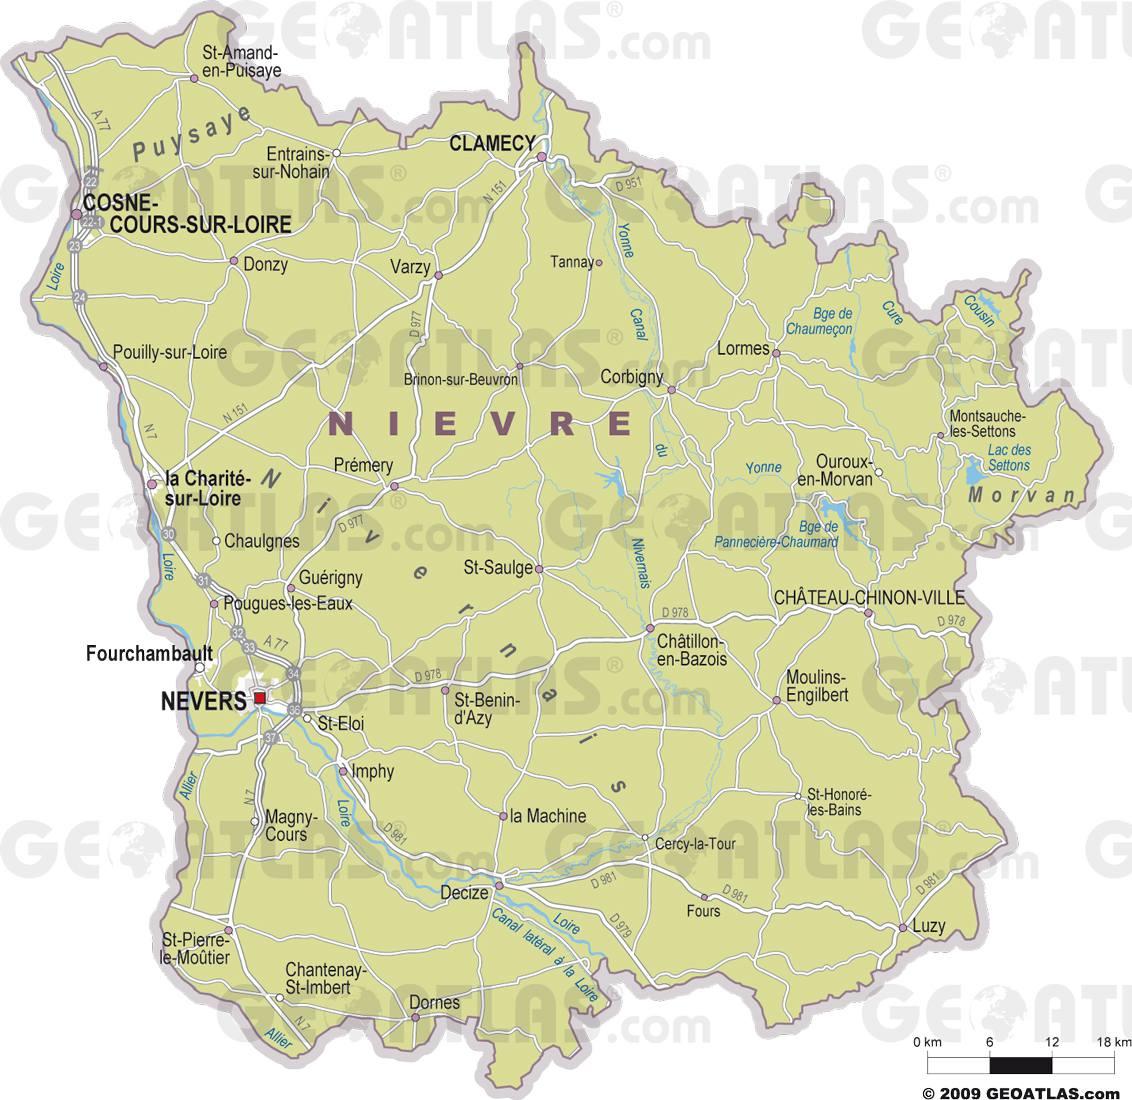 Carte des villes de la Nièvre